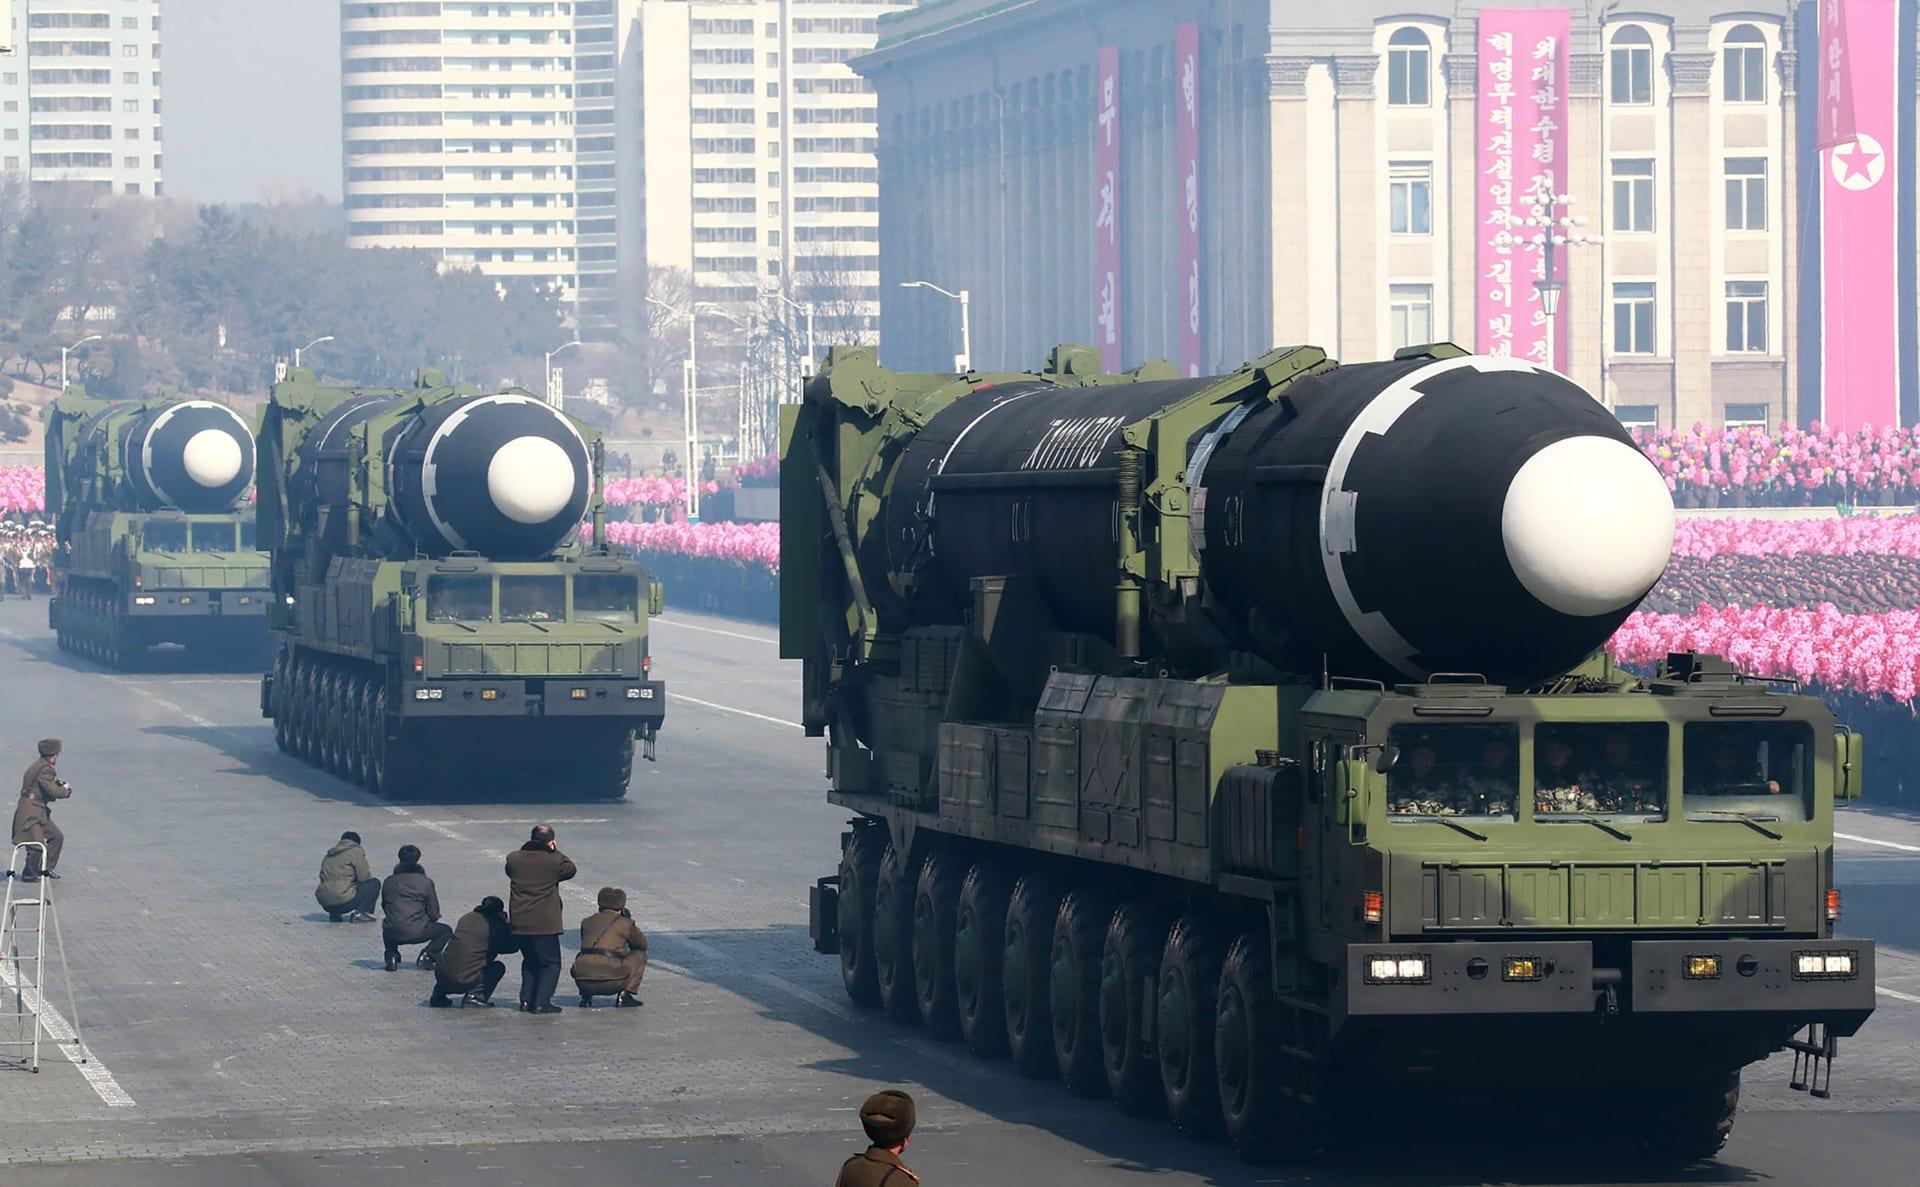 مصادر استخباراتية أمريكية تكشف تقييمها لتطور برنامج كوريا الشمالية النووي منذ نوفمبر